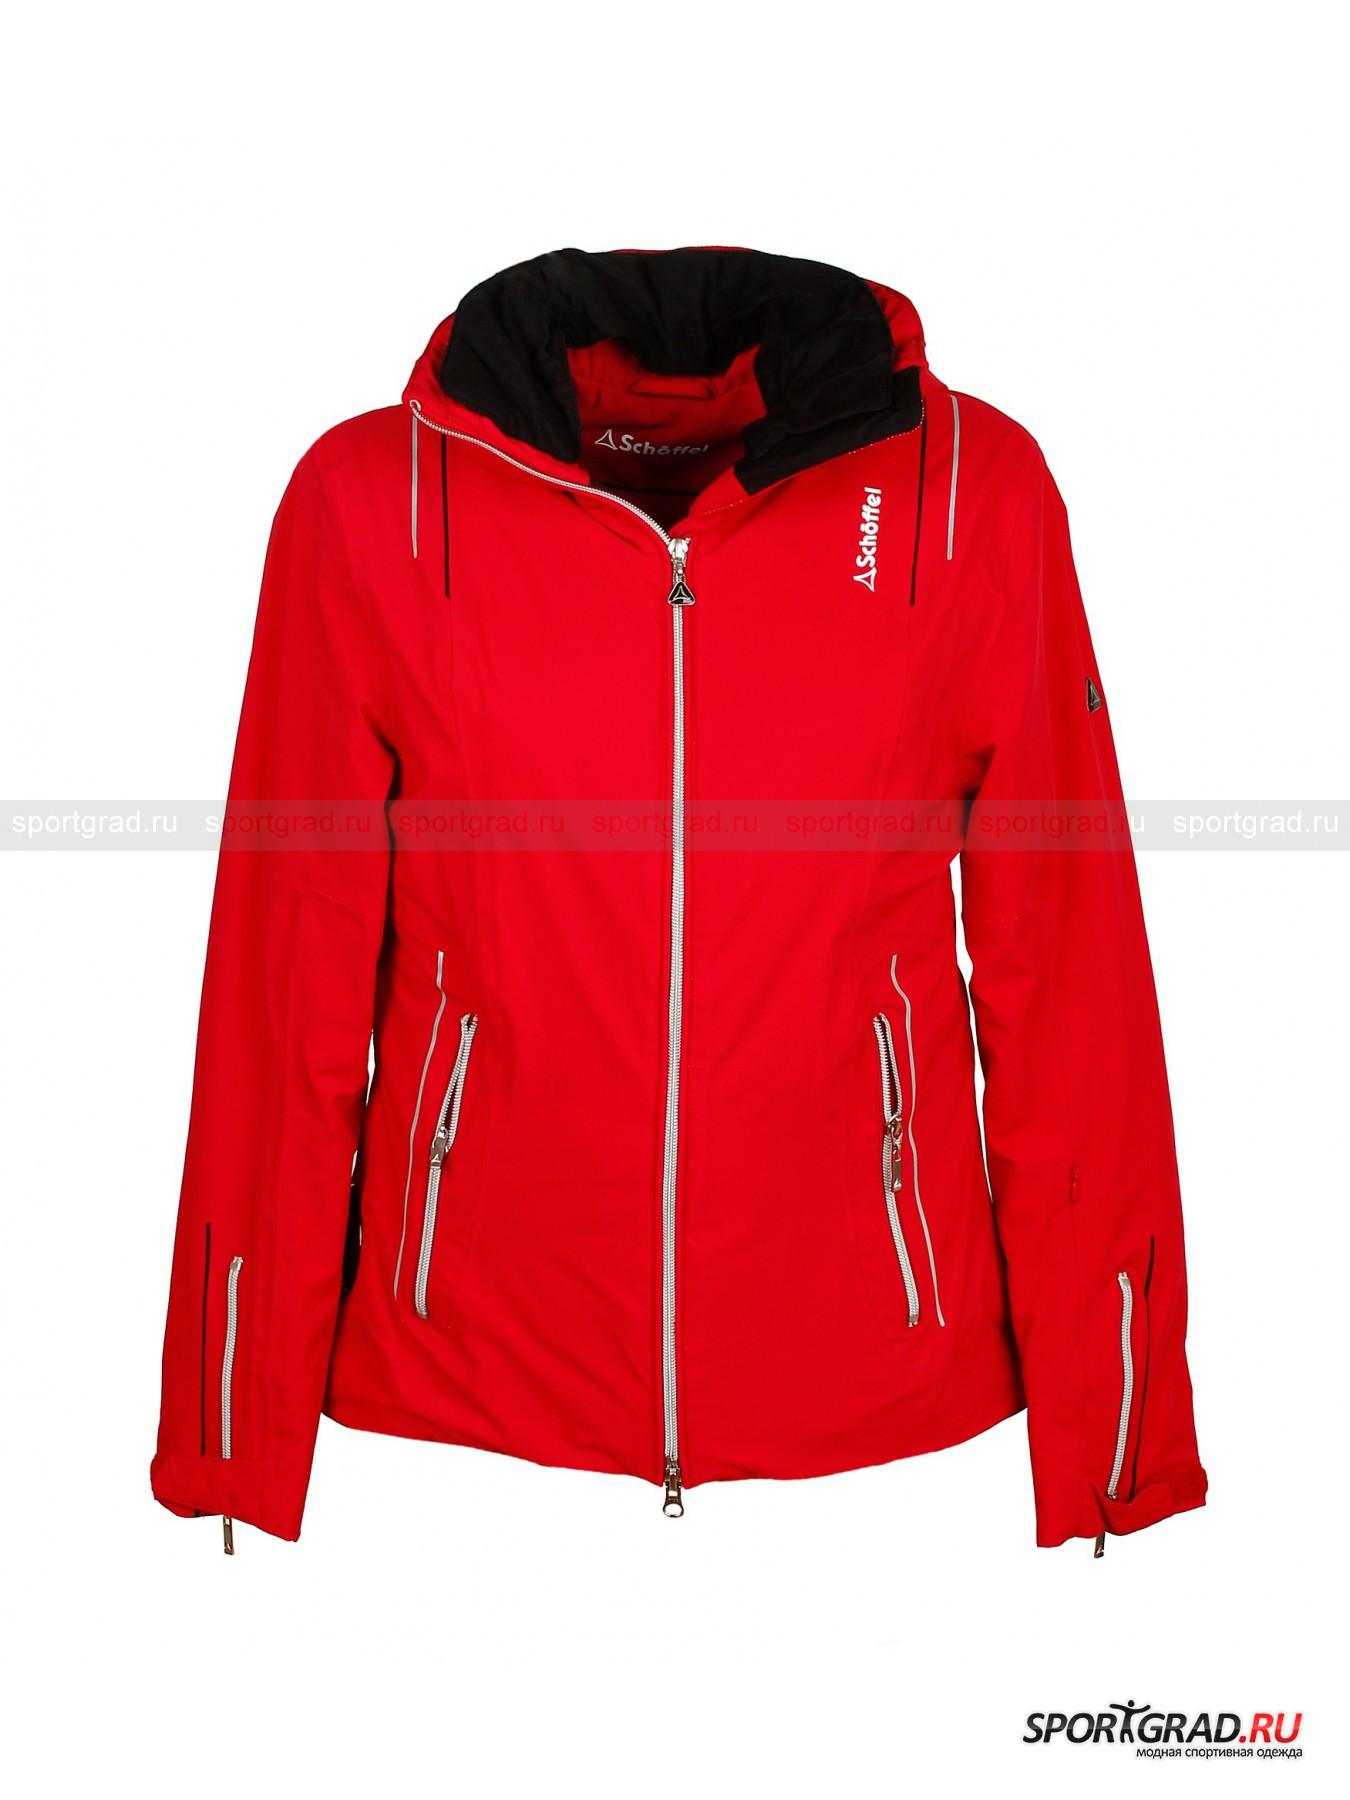 Куртка горнолыжная женская Ava SCHOFFEL от Спортград